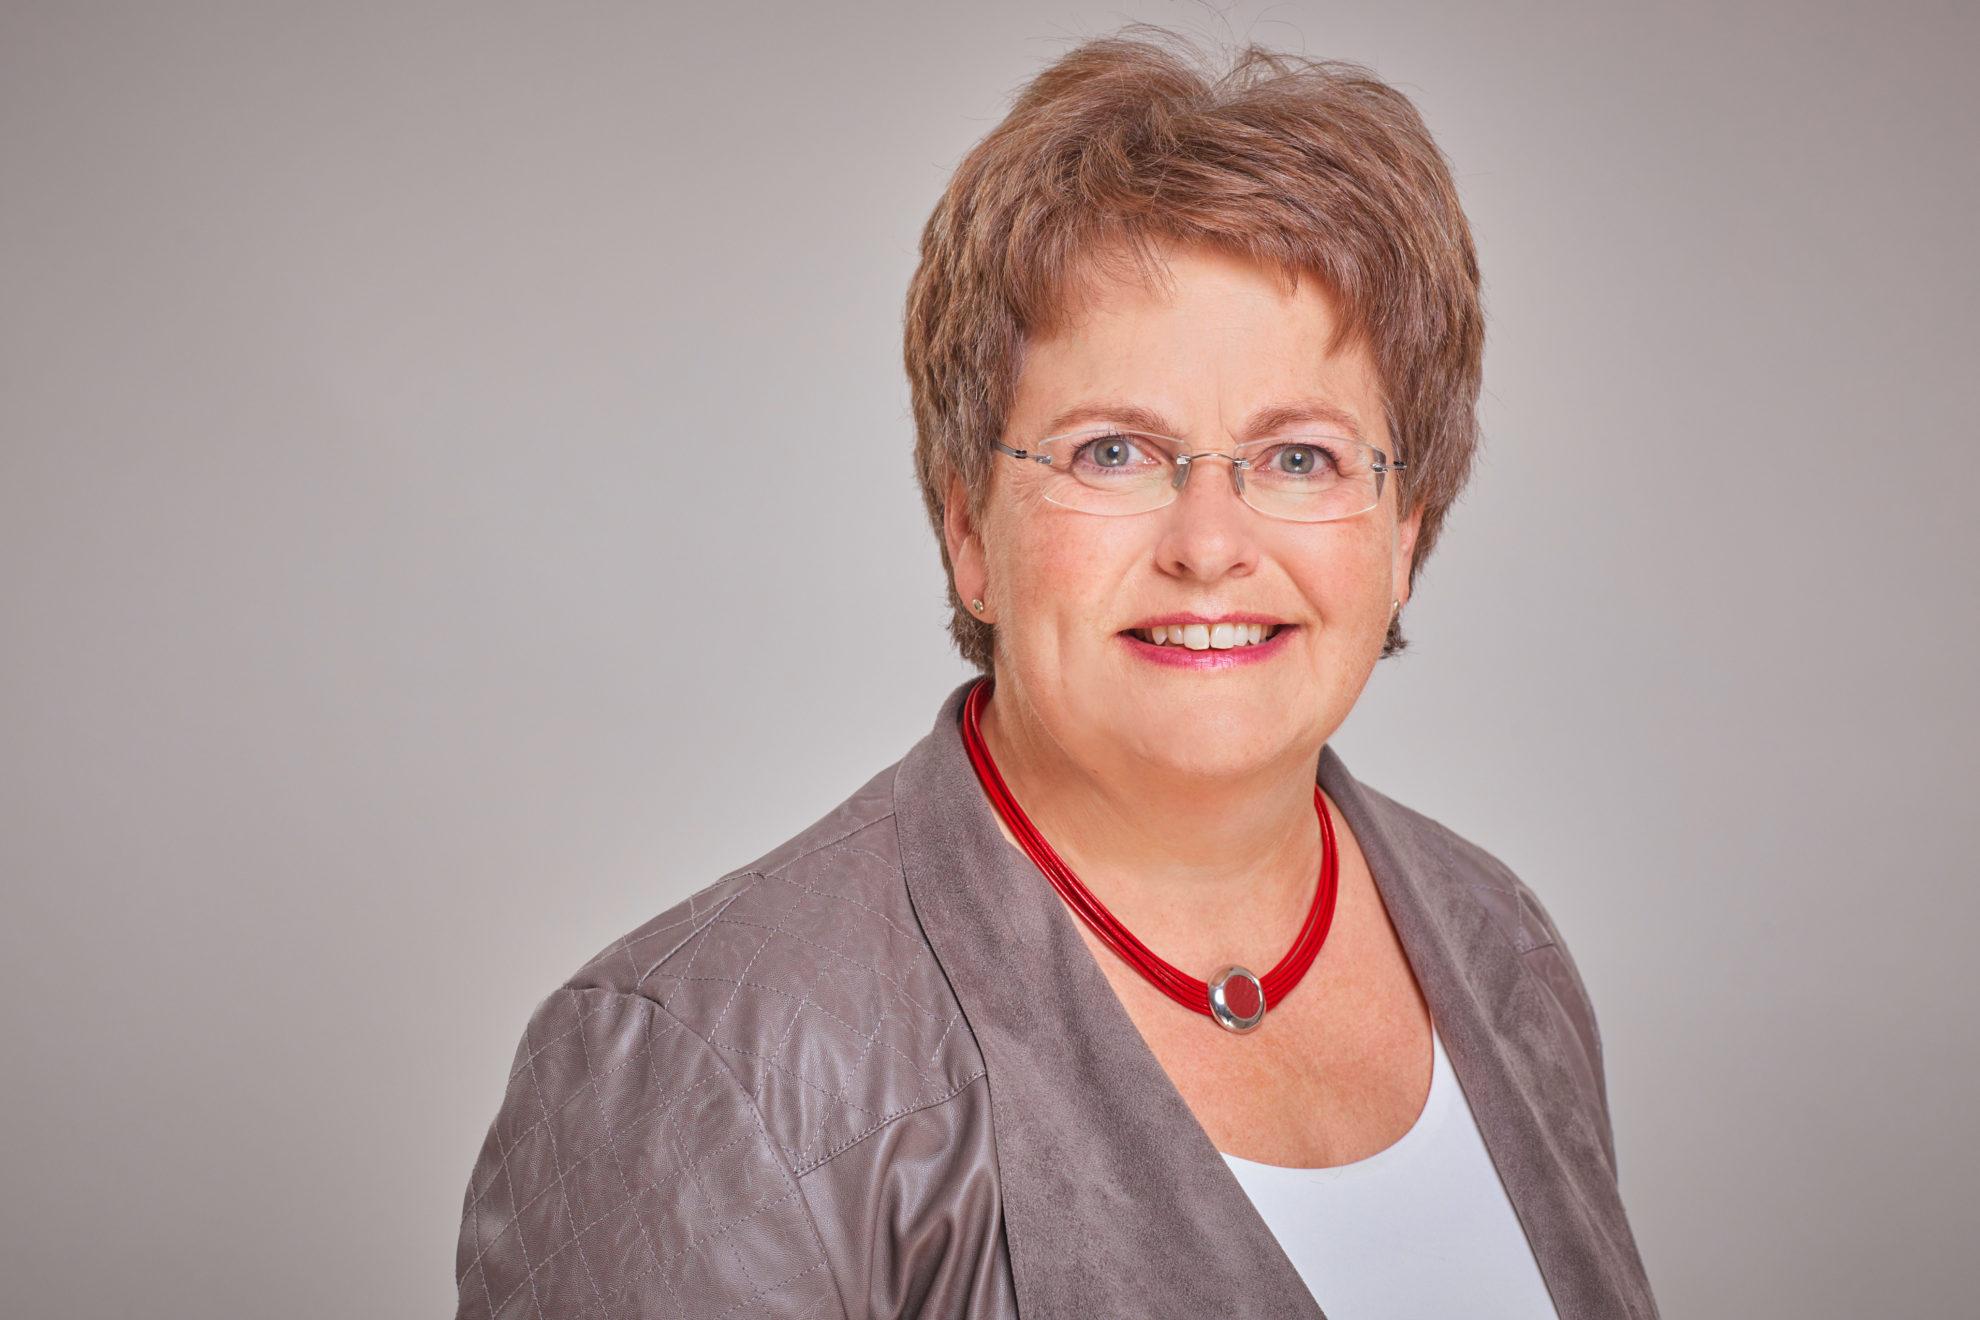 Sabine Knobel